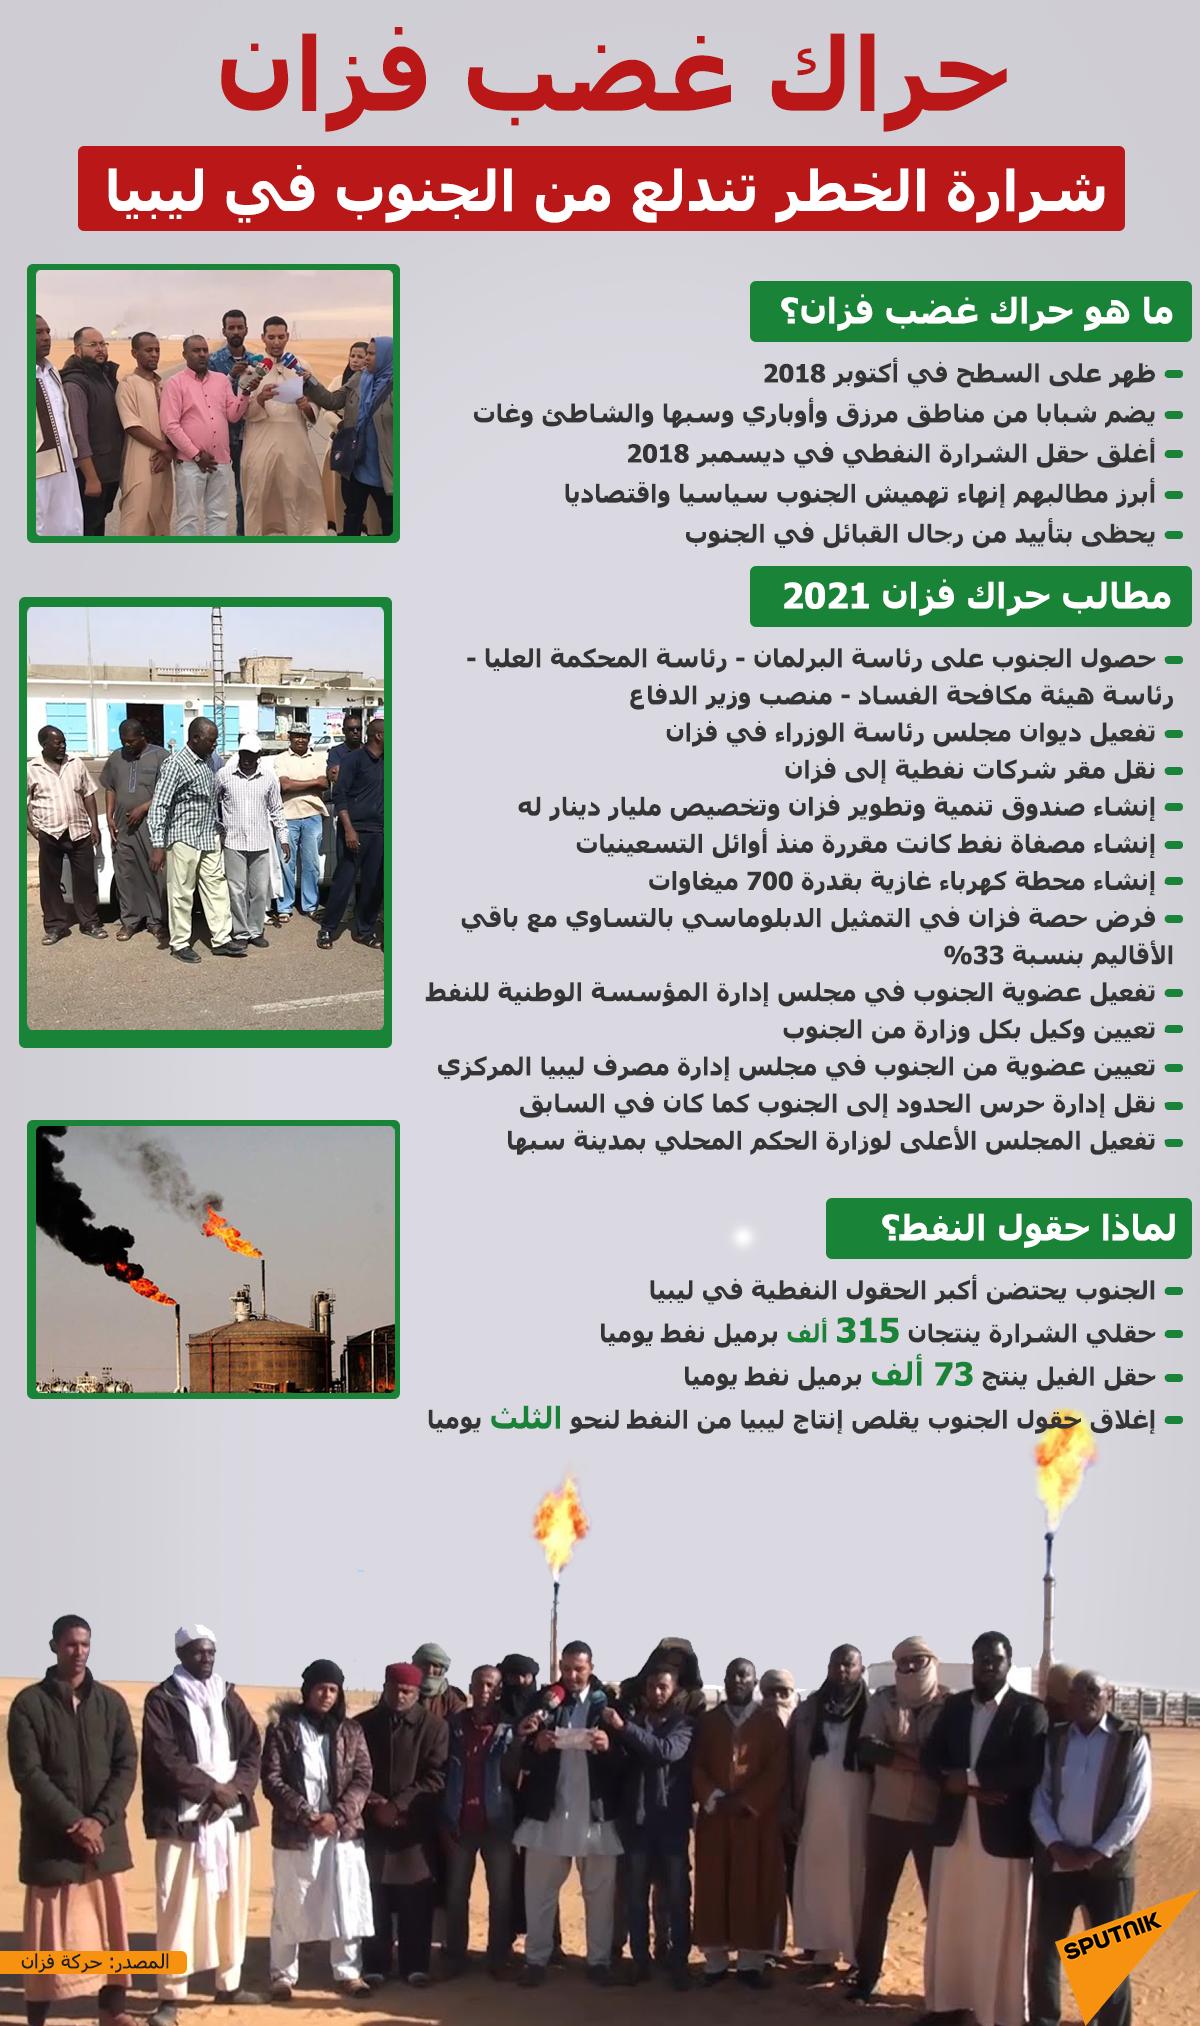 حراك غضب فزان... شرارة الخطر تندلع من الجنوب في ليبيا